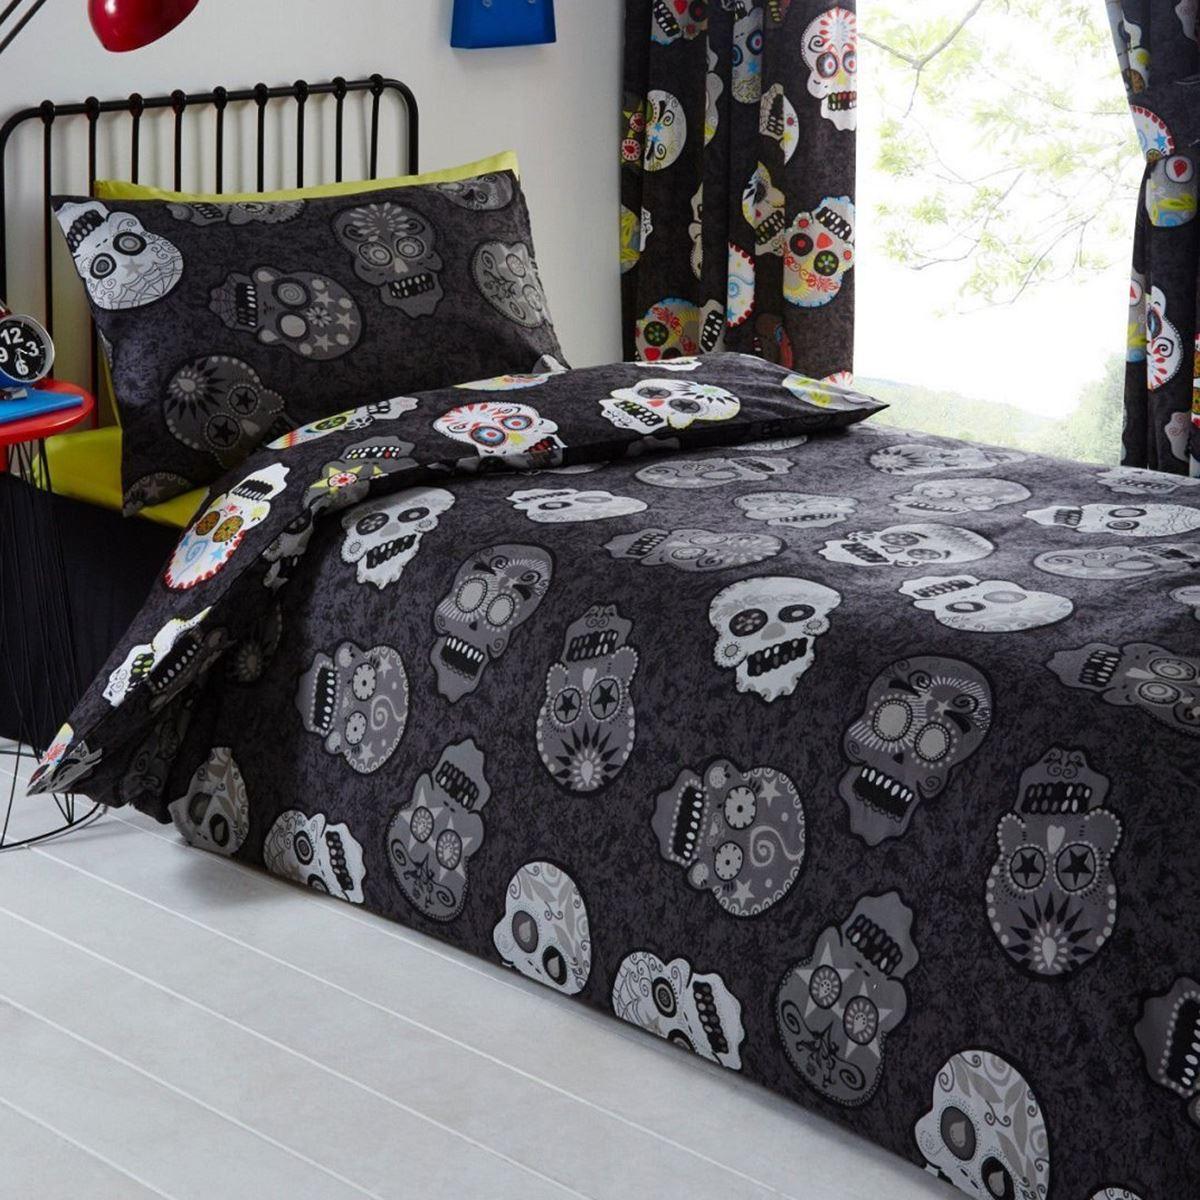 Indexbild 152 - Teenager Bettwäsche Sets - Einzel / Doppelbett Bettwäsche Jungen Musik Graffiti